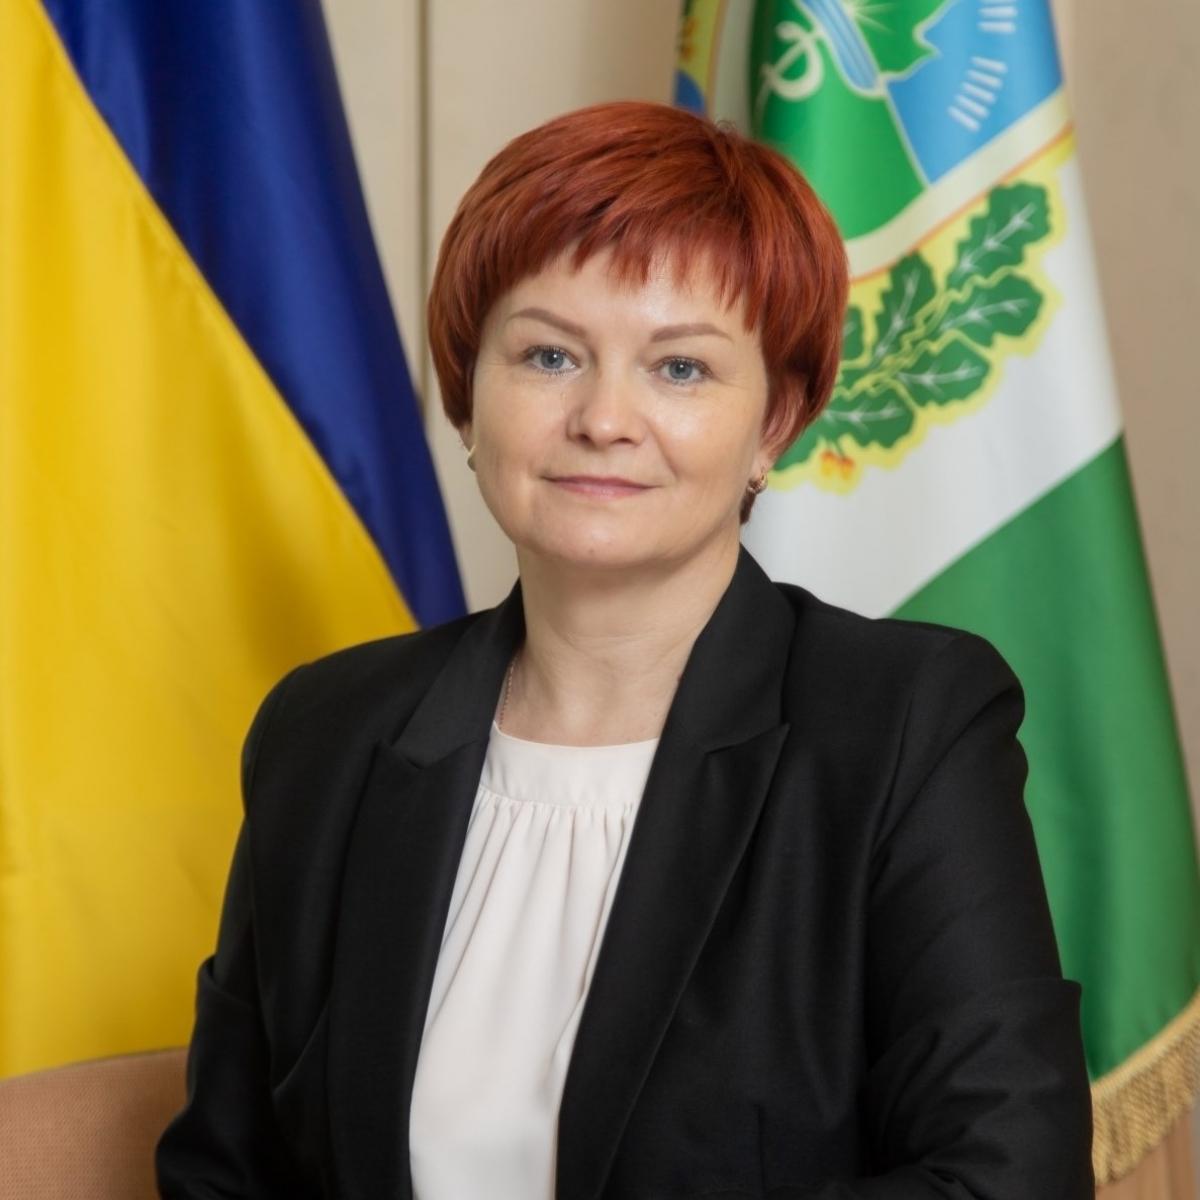 Федорук Лариса Петрівна